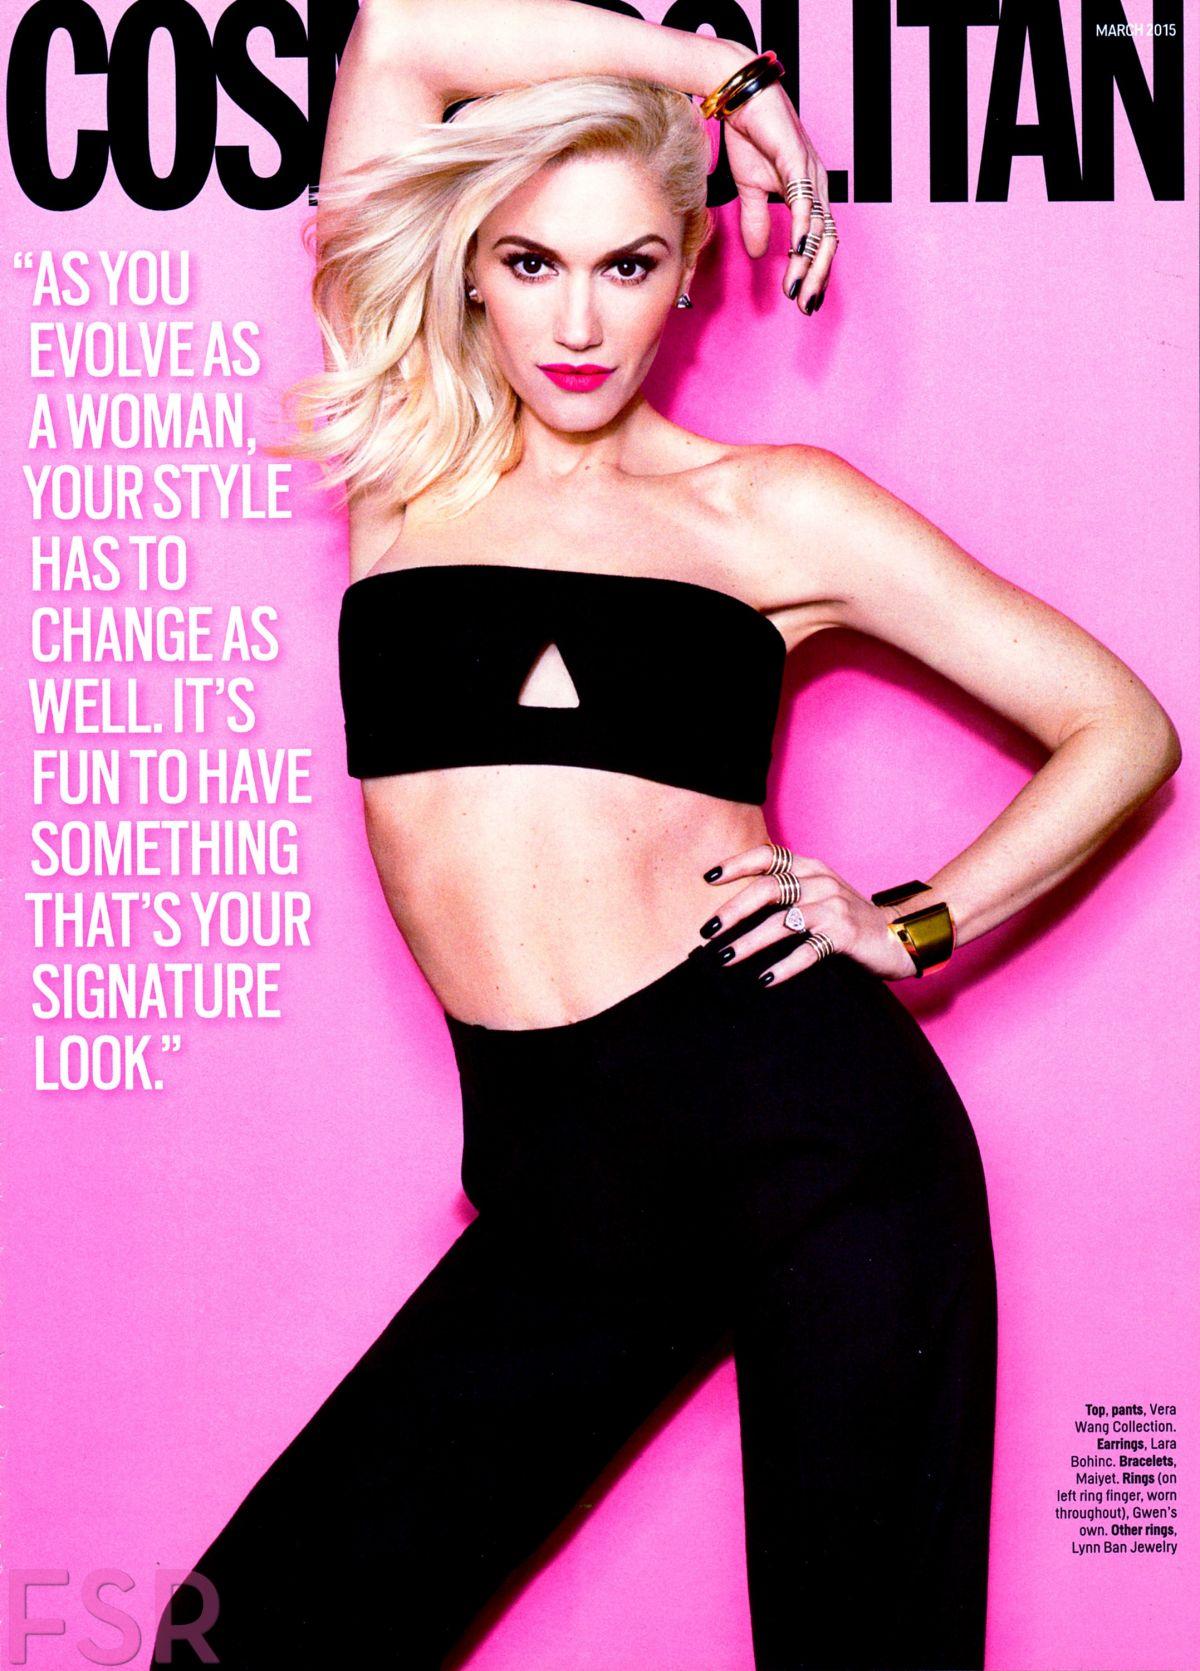 GWEN STEFANI in Cosmopolitan Magazine, March 2015 Issue